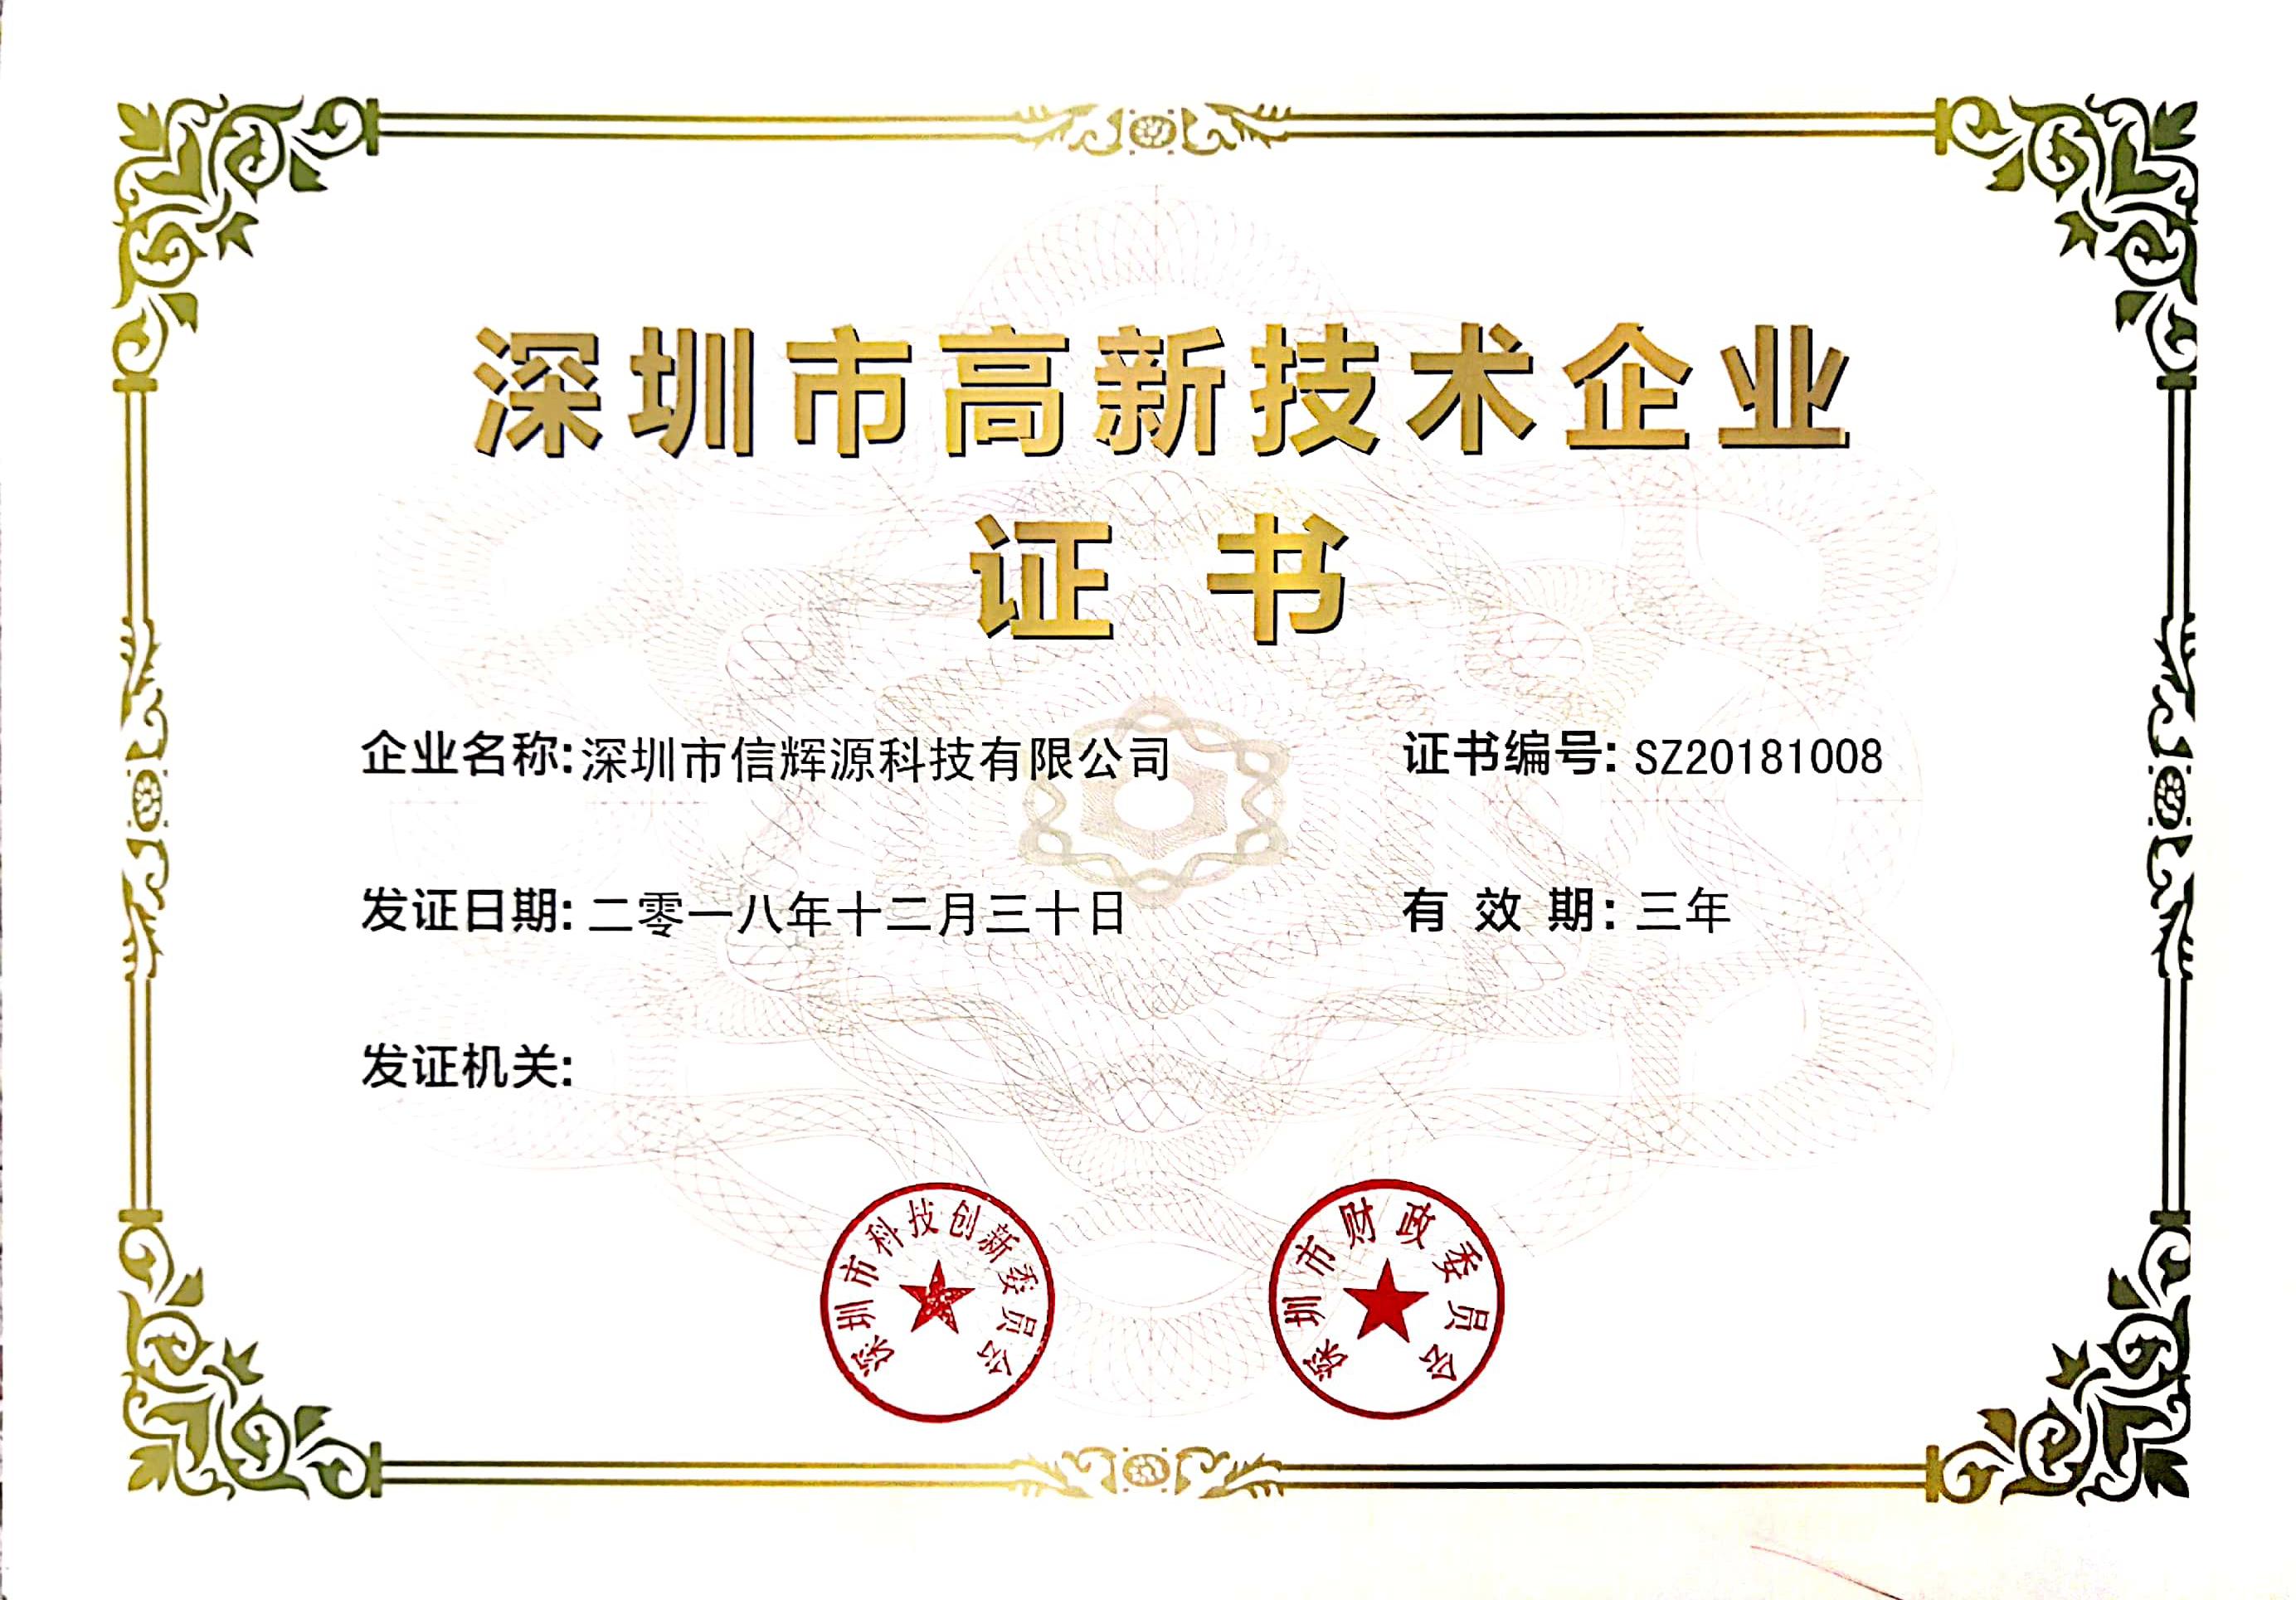 信辉源高新技术企业证书